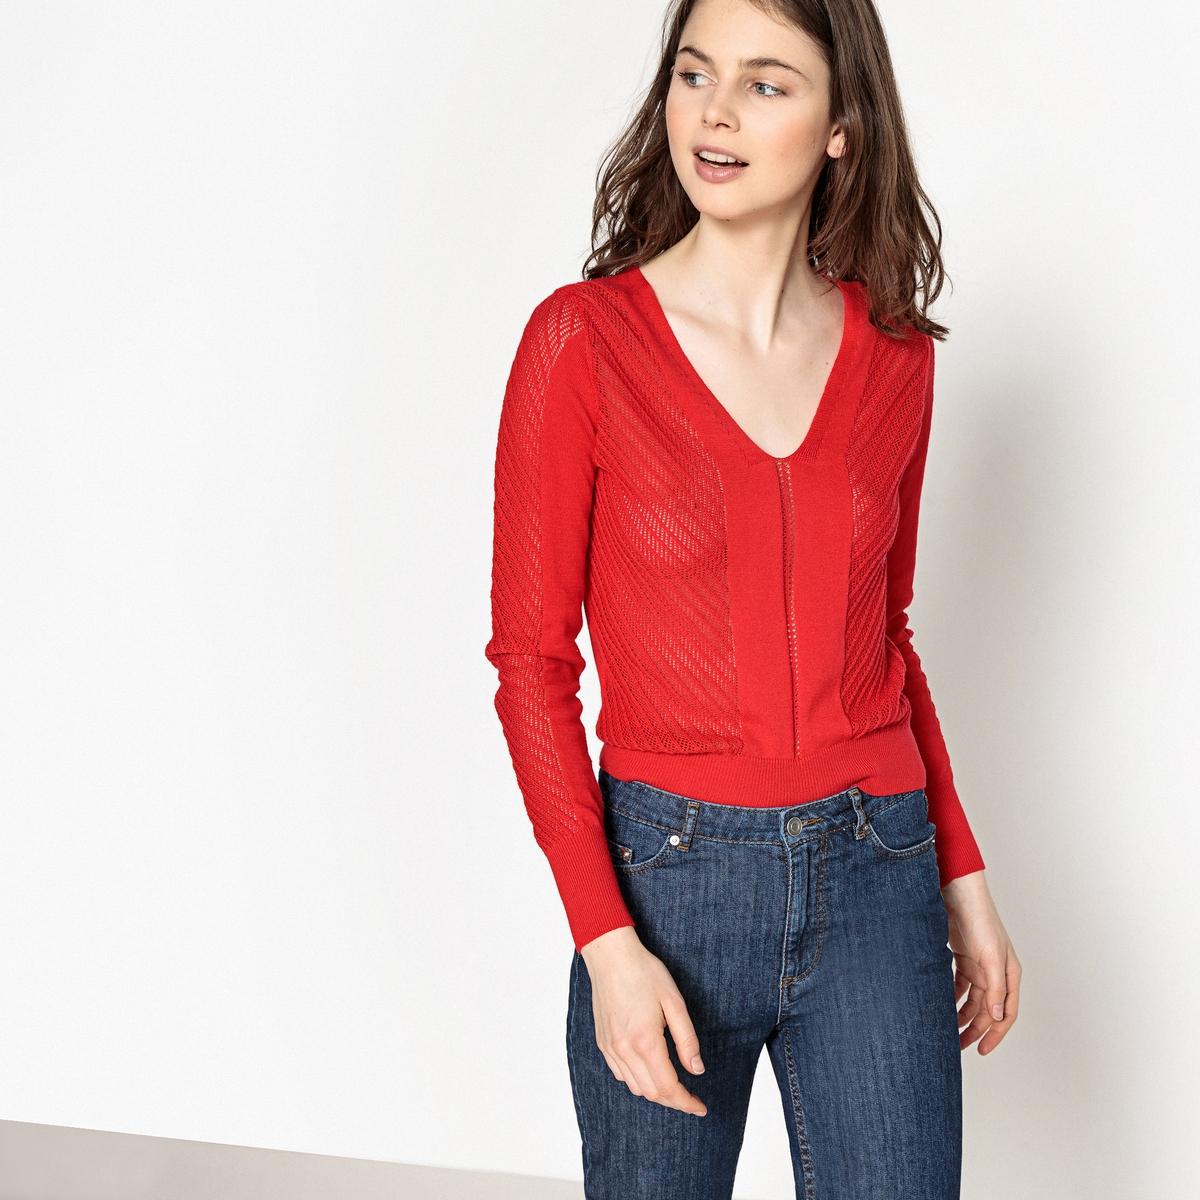 цены Пуловер с V-образным вырезом и длинными рукавами из тонкого ажурного трикотажа